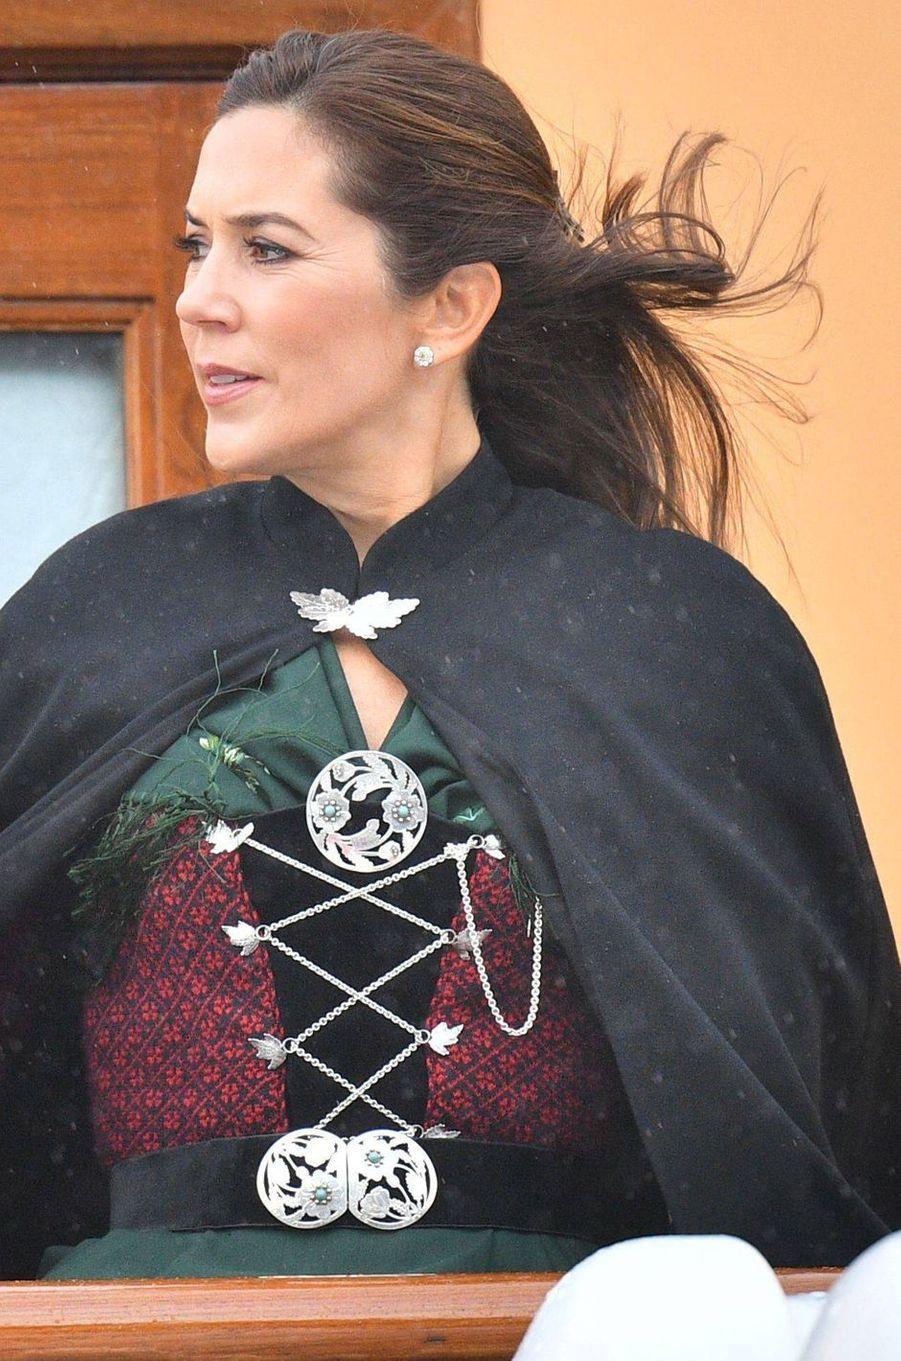 Détail du costume de la princesse Mary de Danemark aux îles Féroé, le 24 août 2018